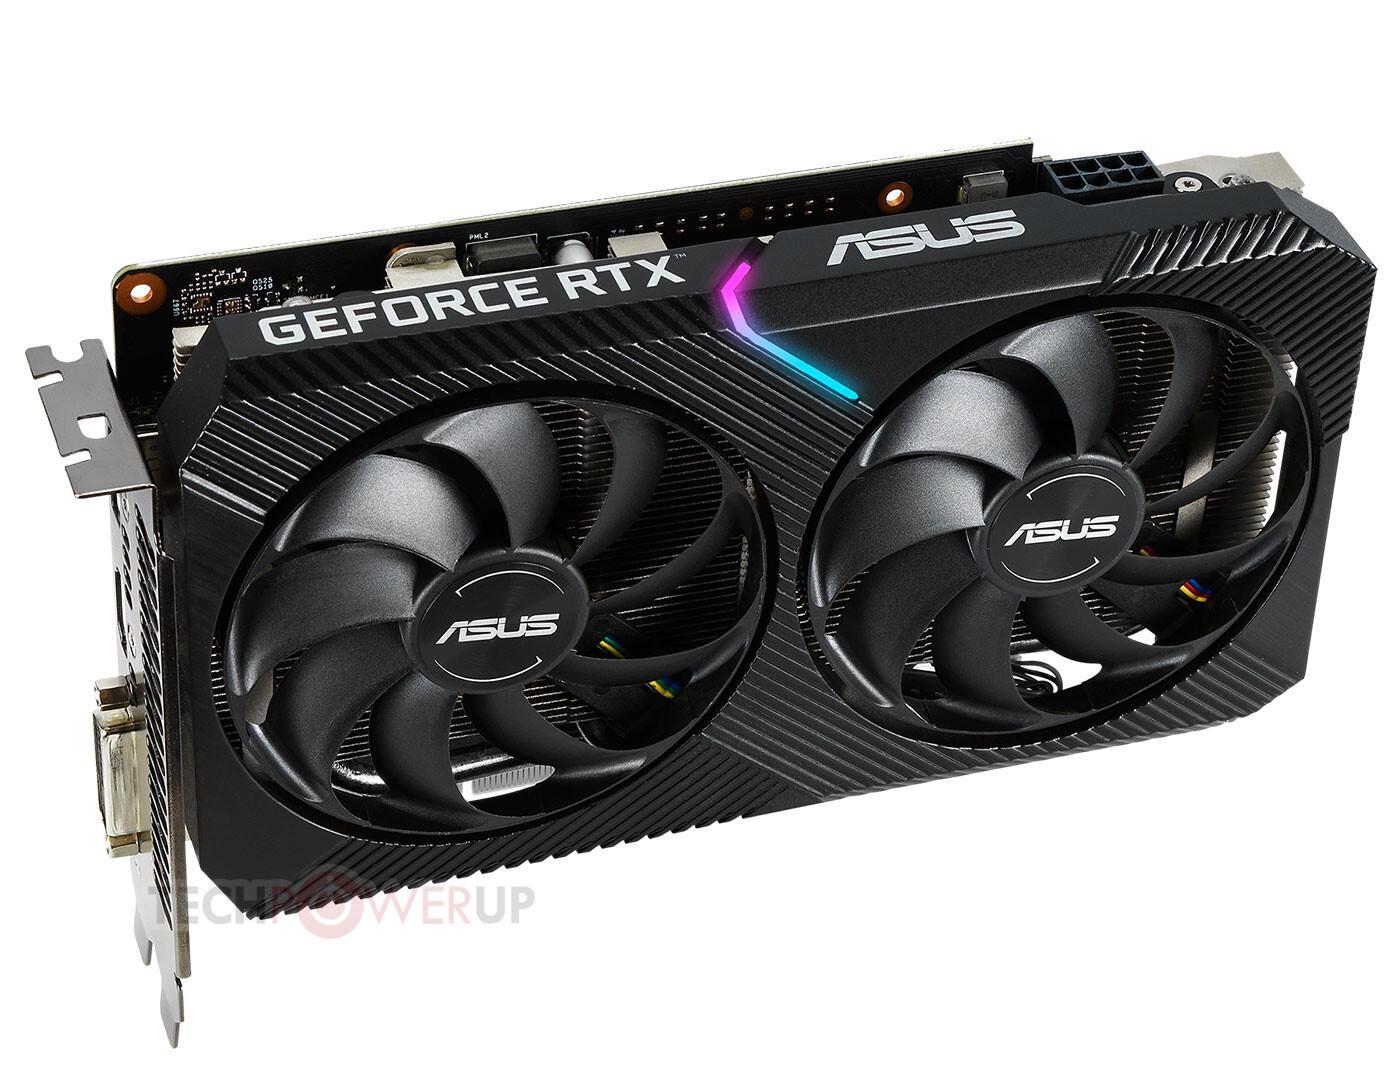 Asus выпустила видеокарту GeForce RTX 2060 DUAL Mini для конкуренции сradeonRX5600 XT